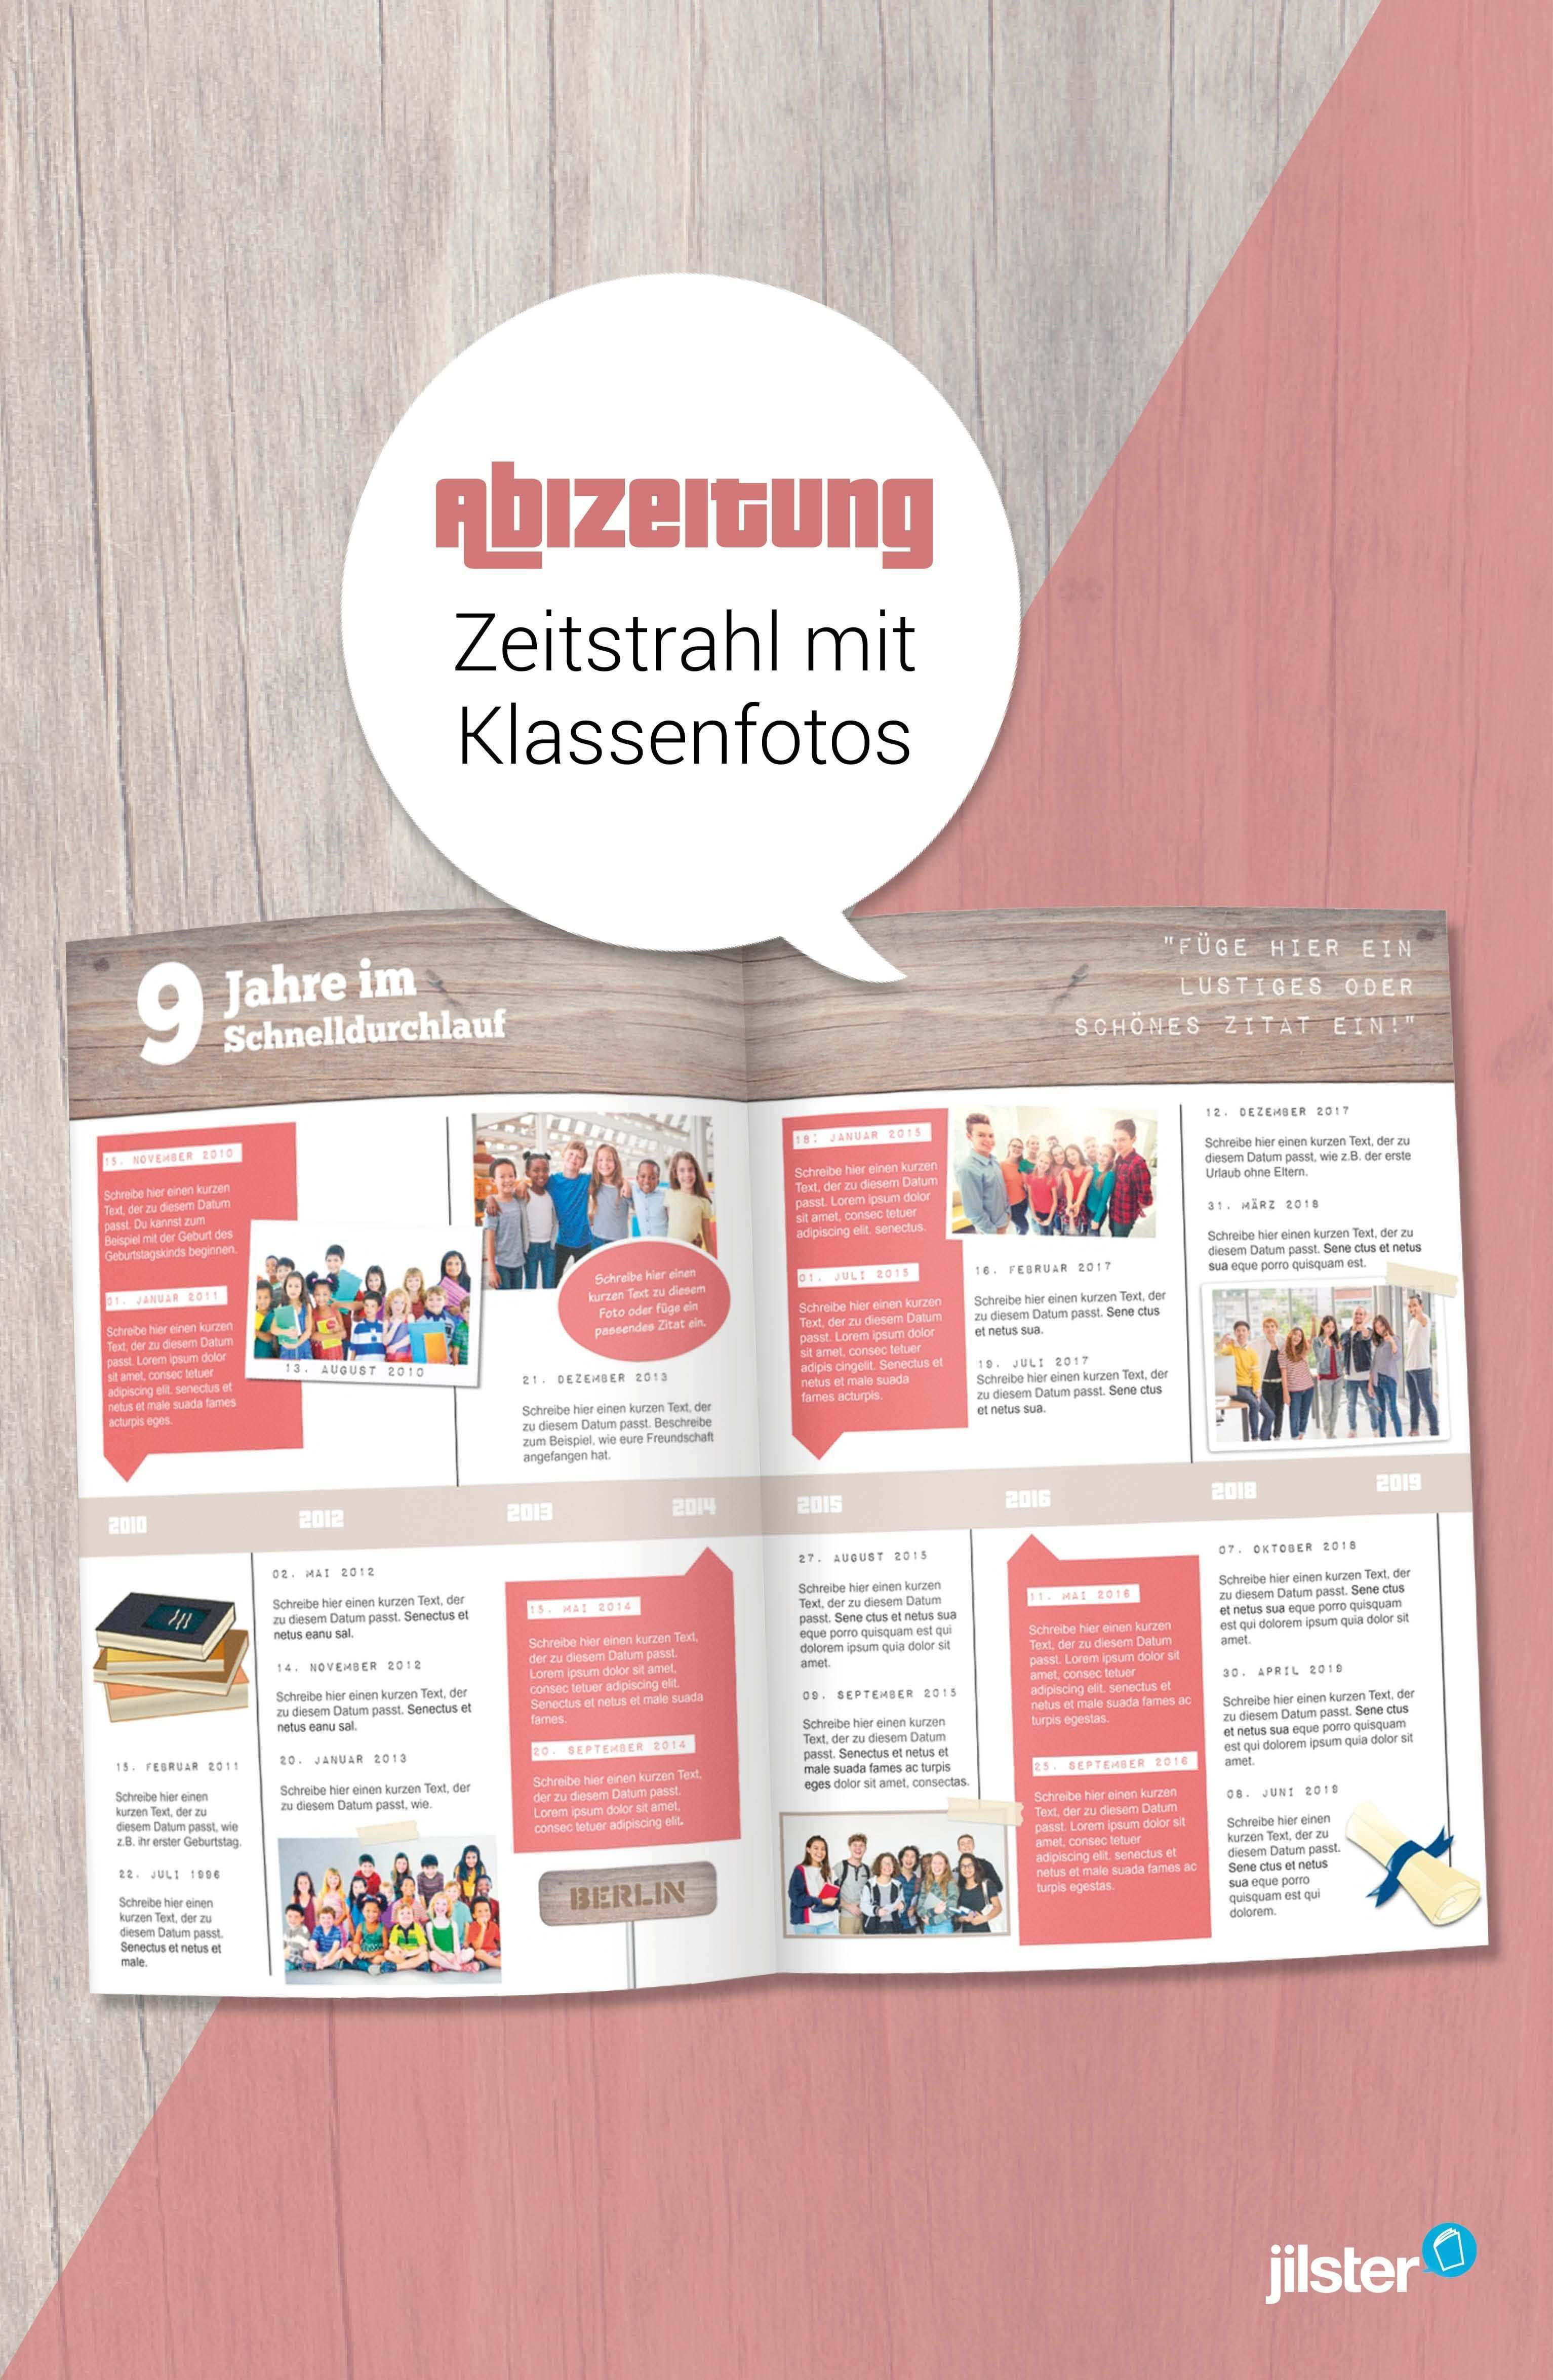 Abizeitung Zeitstrahl Mit Vielen Fotos Gestalten Jilster Blog Abizeitung Zeitung Zeitstrahl